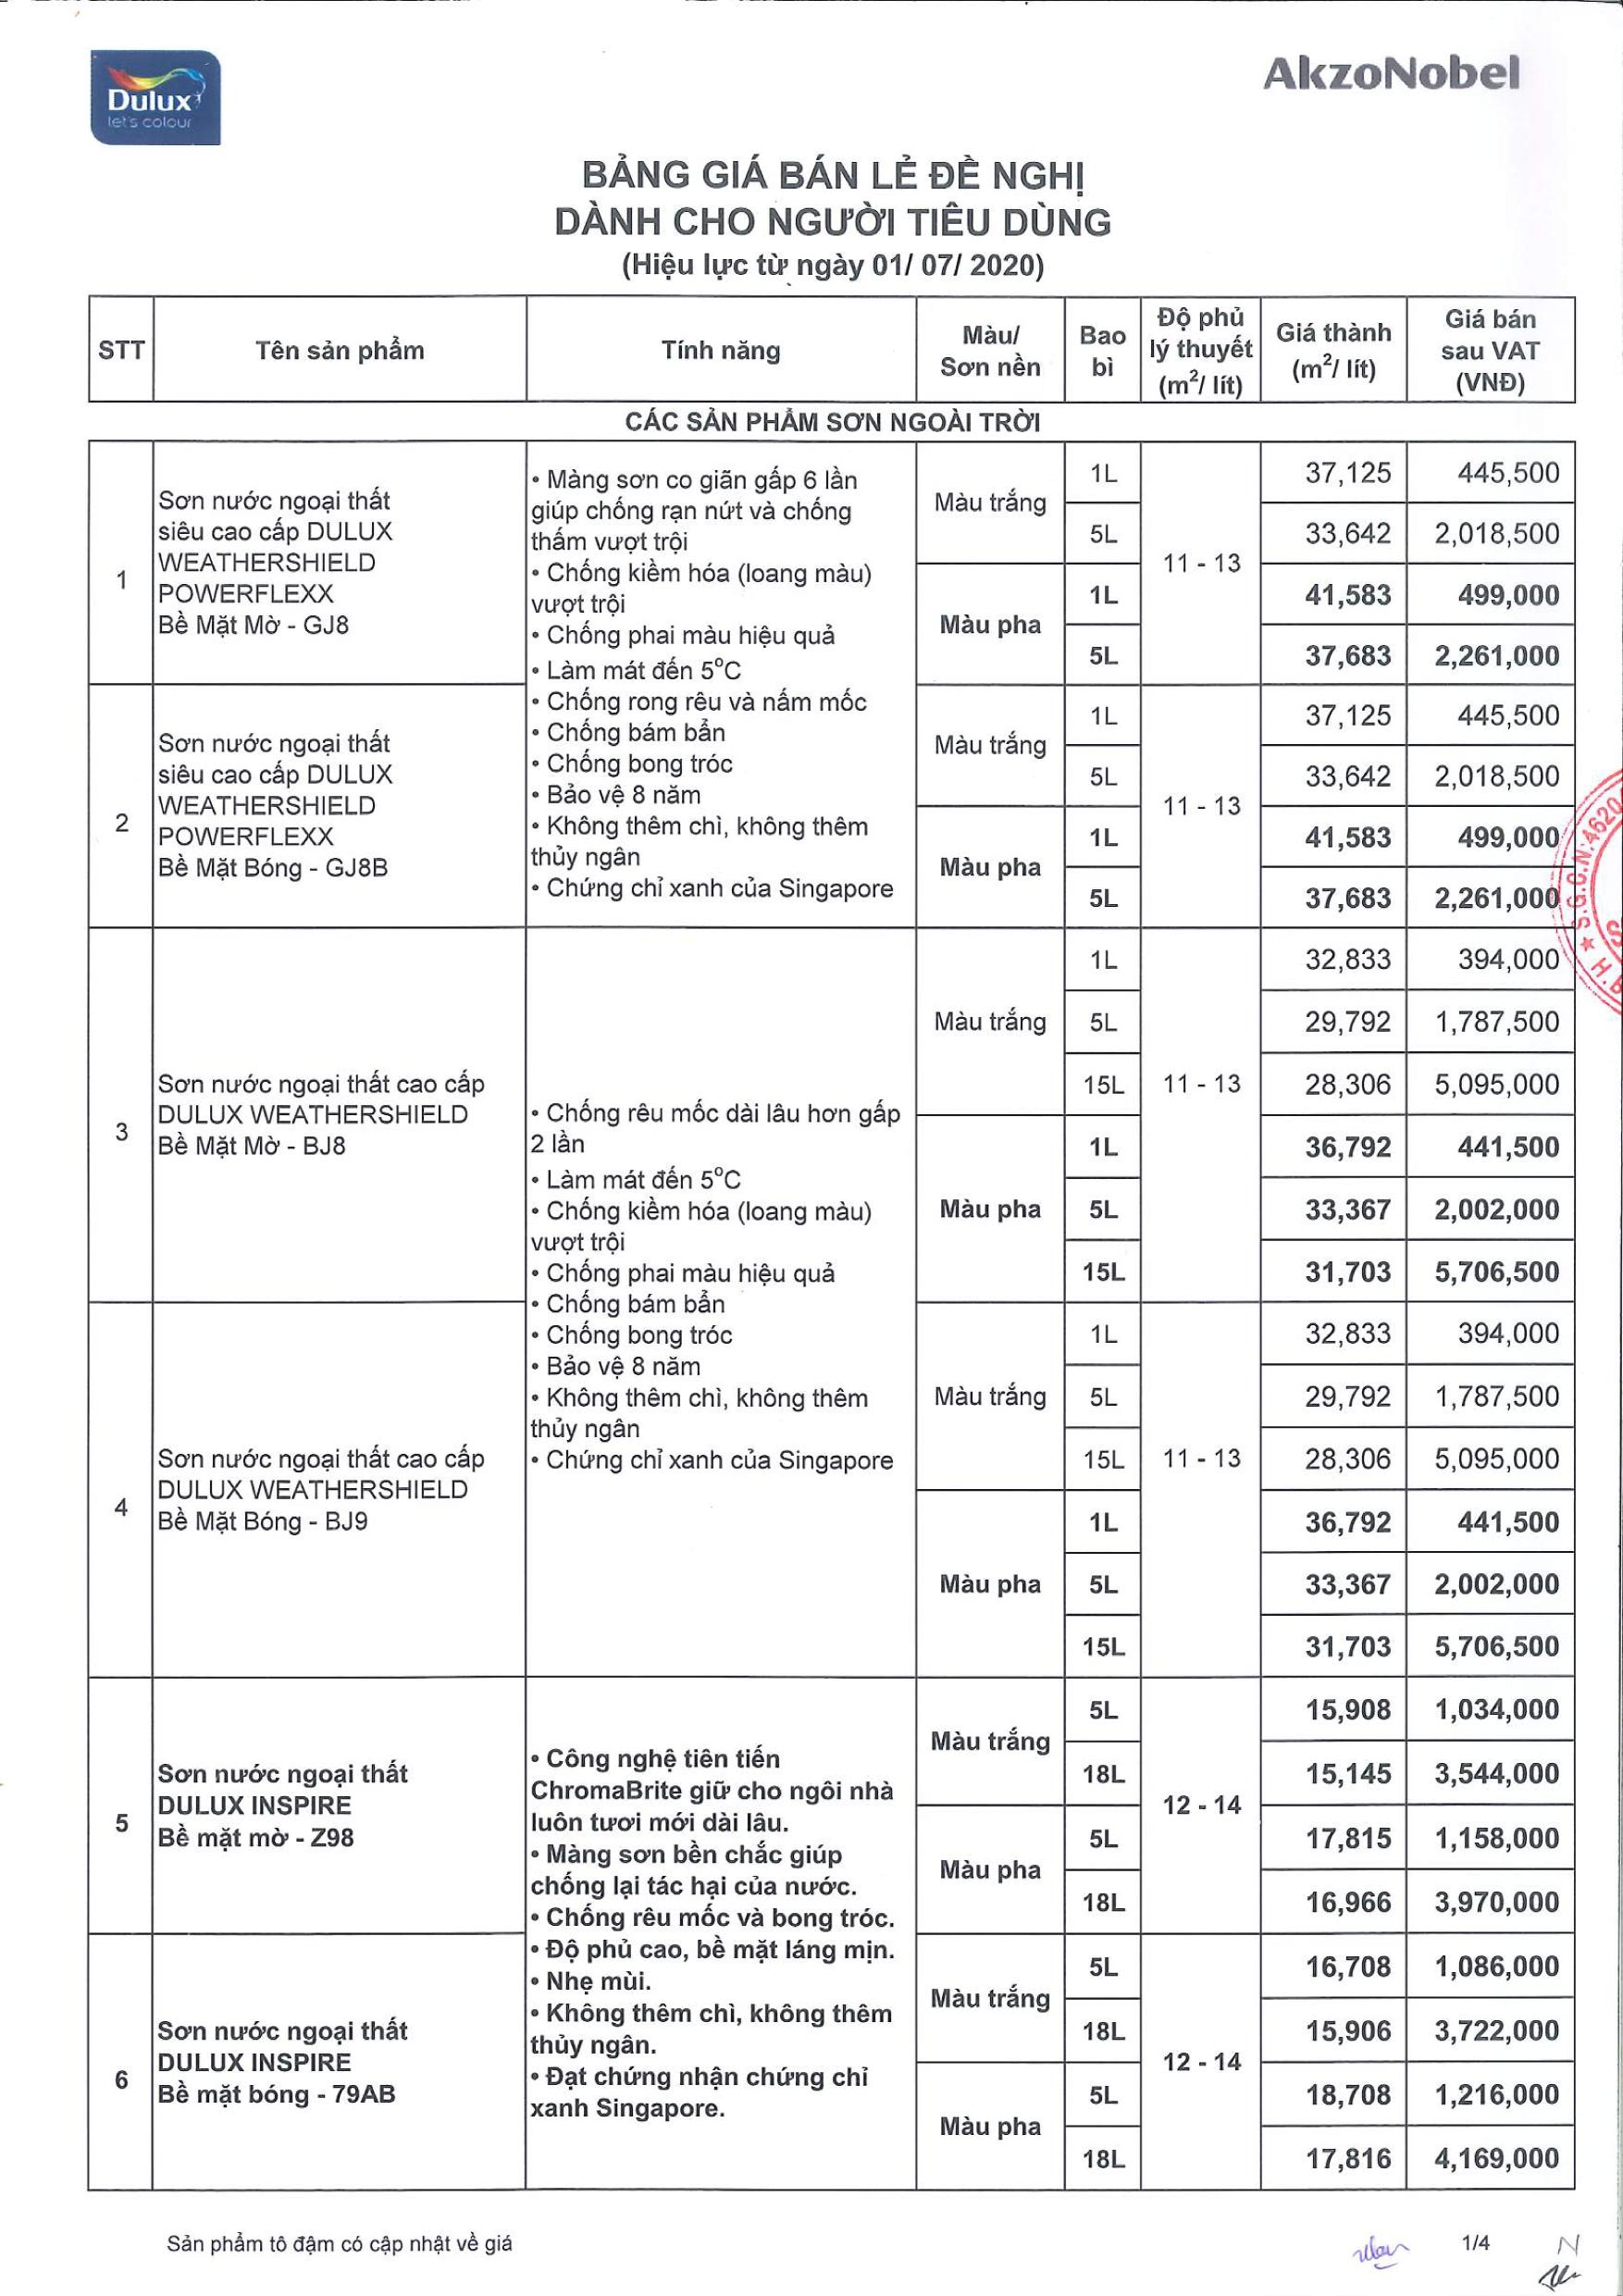 bao-gia-son-dulux-dan-dung-thang-7-2020-1